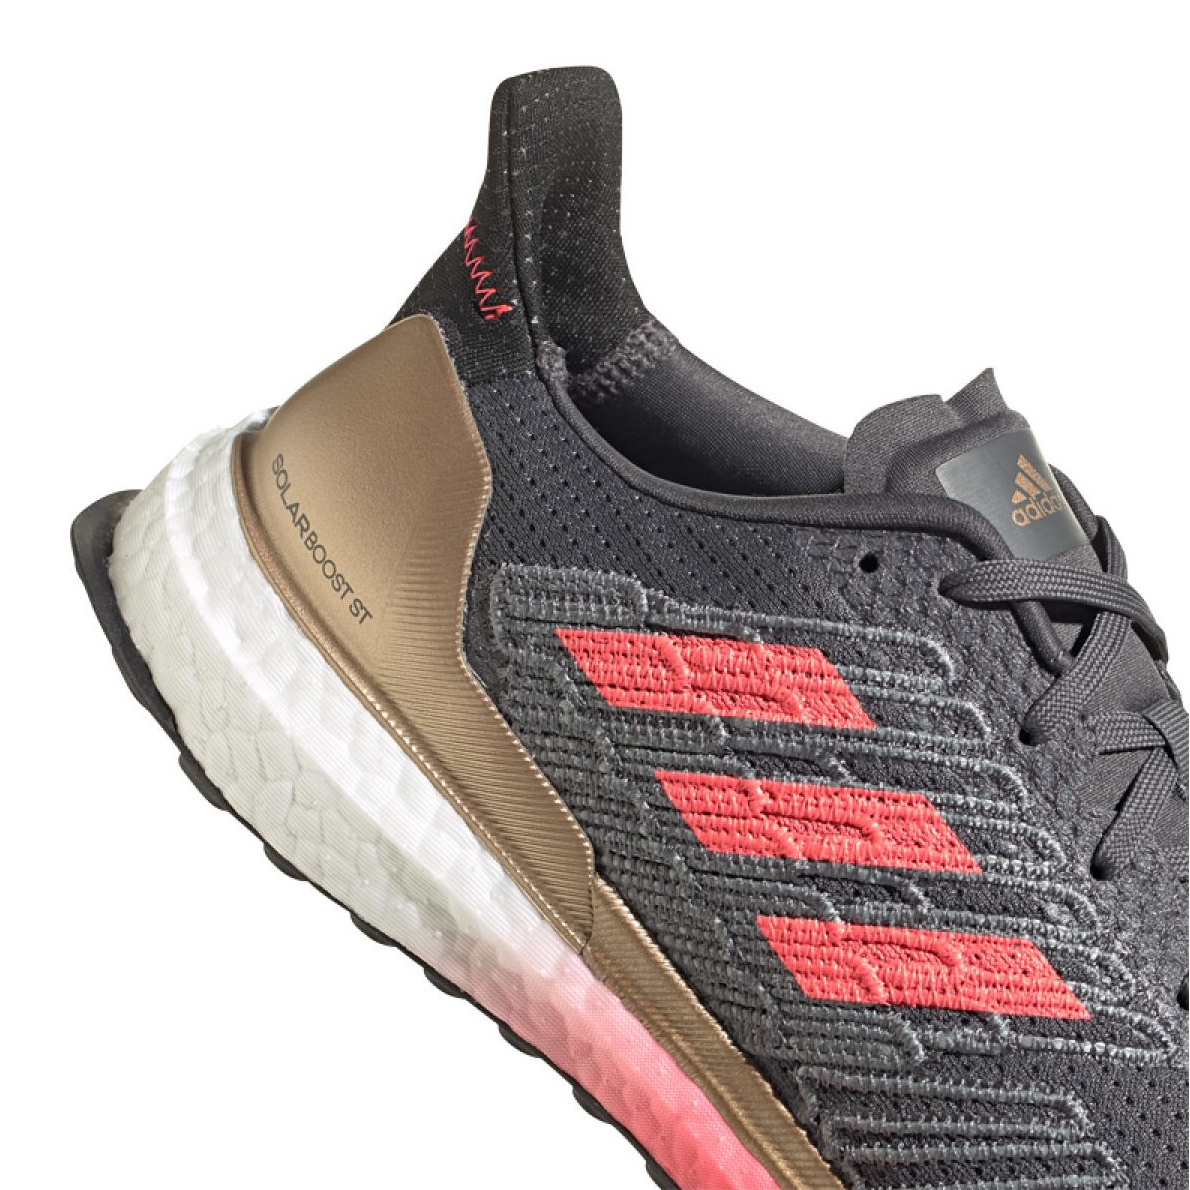 Desigualdad Glamour Ajustable  Running shoes adidas Solar Boost St 19 M FW7811 grey - ButyModne.pl